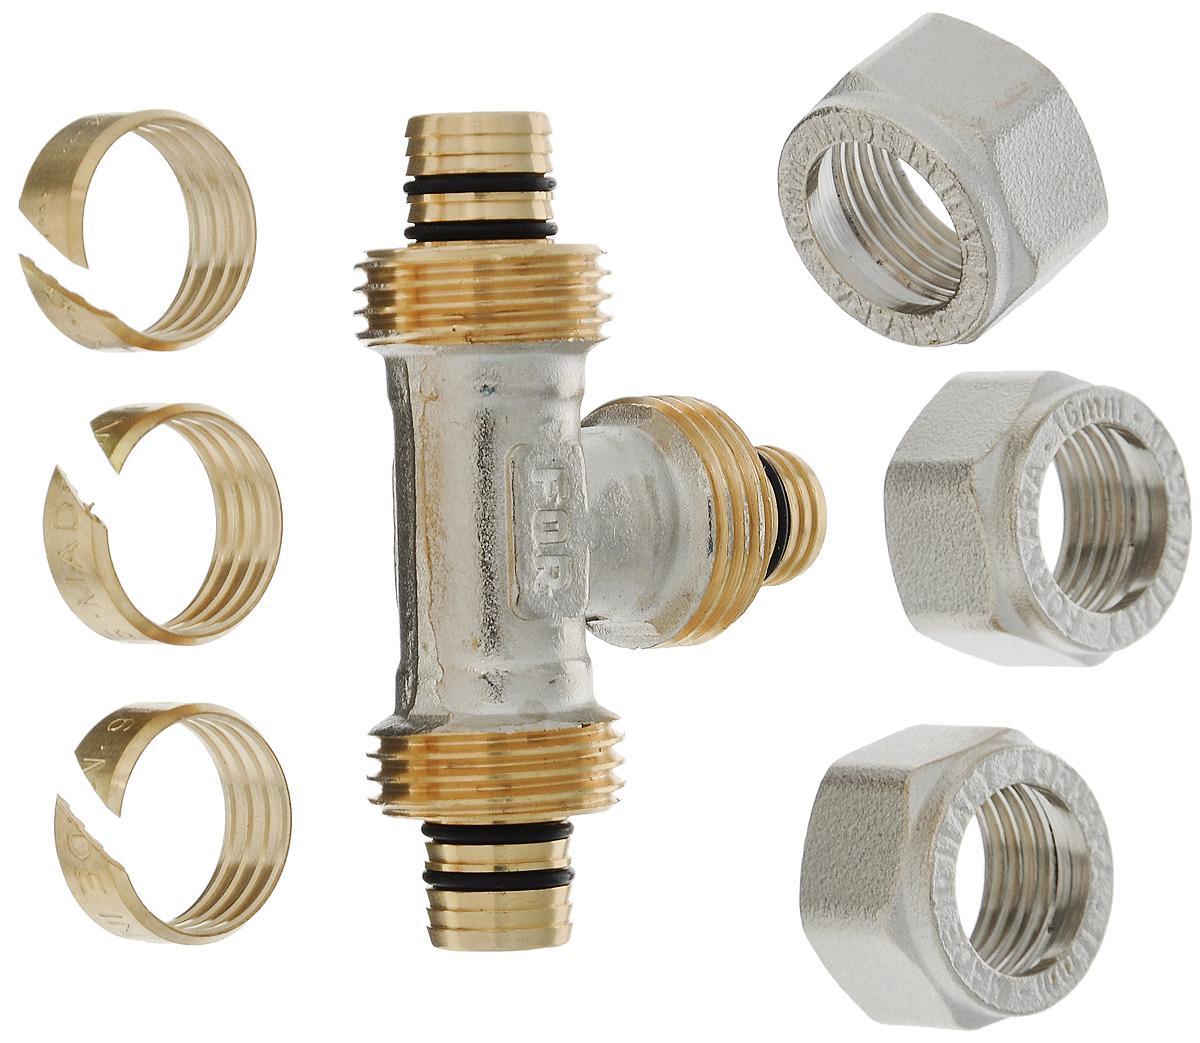 Тройник Fornara, ц - ц - ц, 16 х 2,0ИС.080348Тройник Fornara - это фитинг для металлопластиковых труб систем отопления, водоснабжения, технологических установок. Предназначен для соединения металлополимерных труб на основе обычного, сшитого или термоустойчивого полиэтилена и может применяться в инженерных и технологических системах с рабочей температурой до 115 °С.